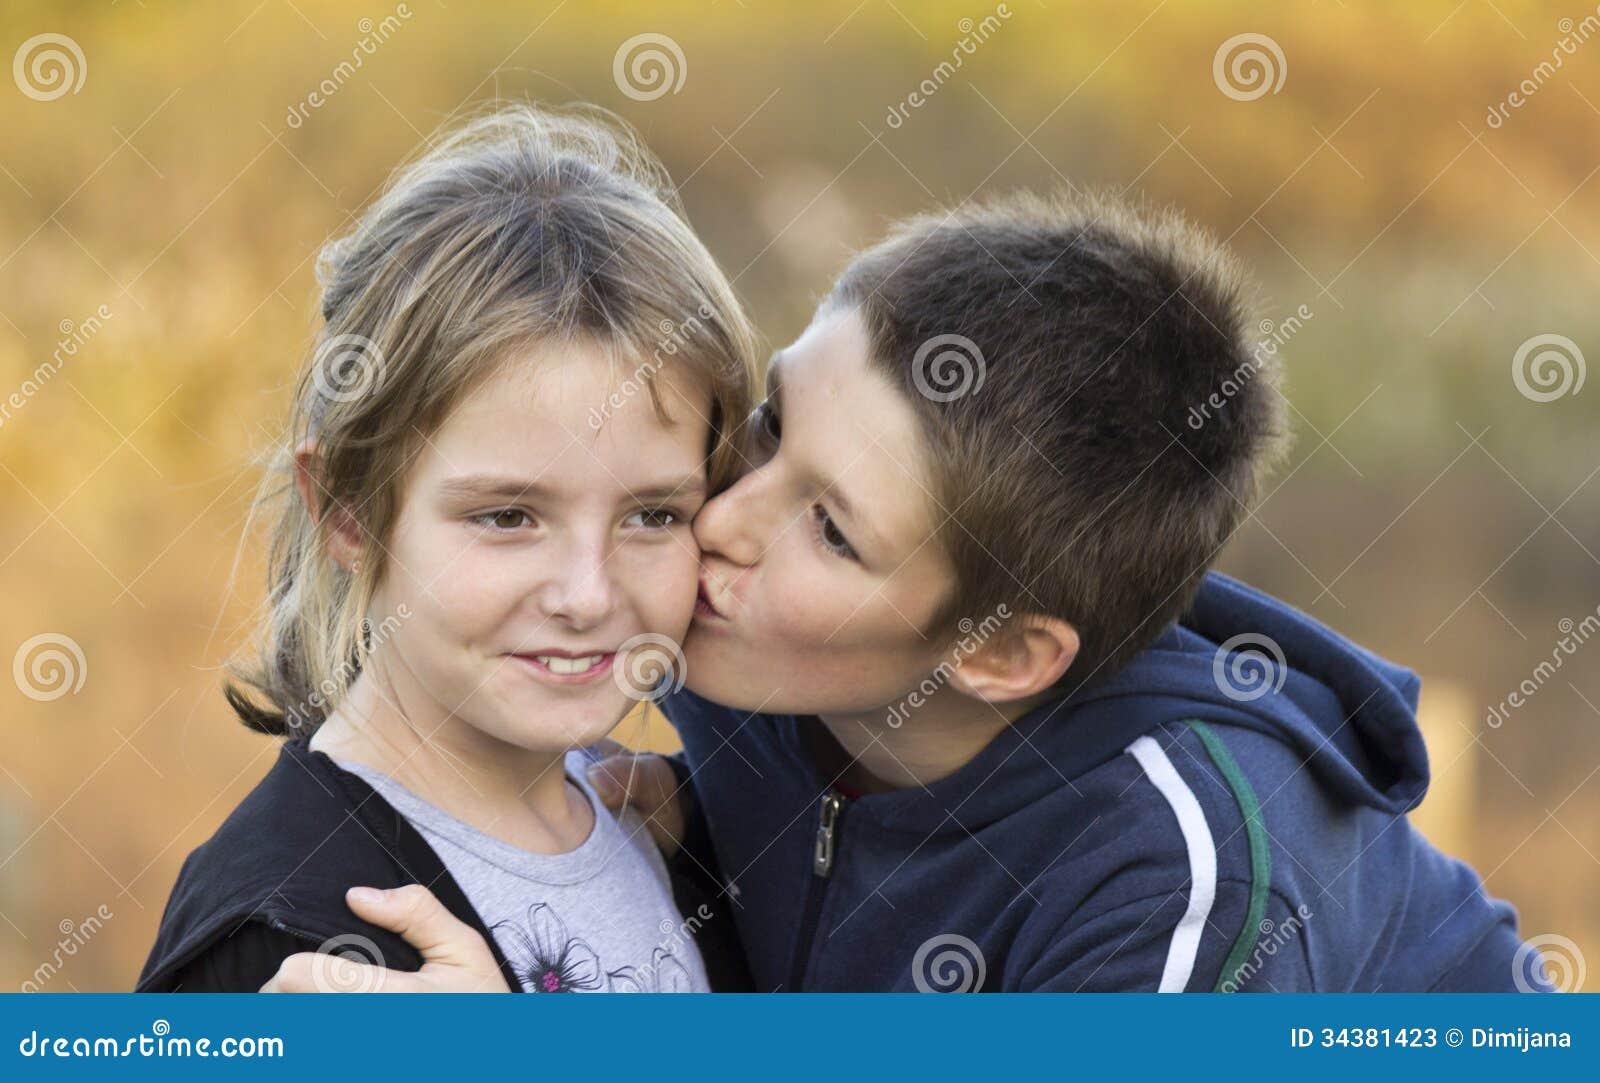 Kussen Voor Kinderen : De kinderen kussen stock afbeelding afbeelding bestaande uit